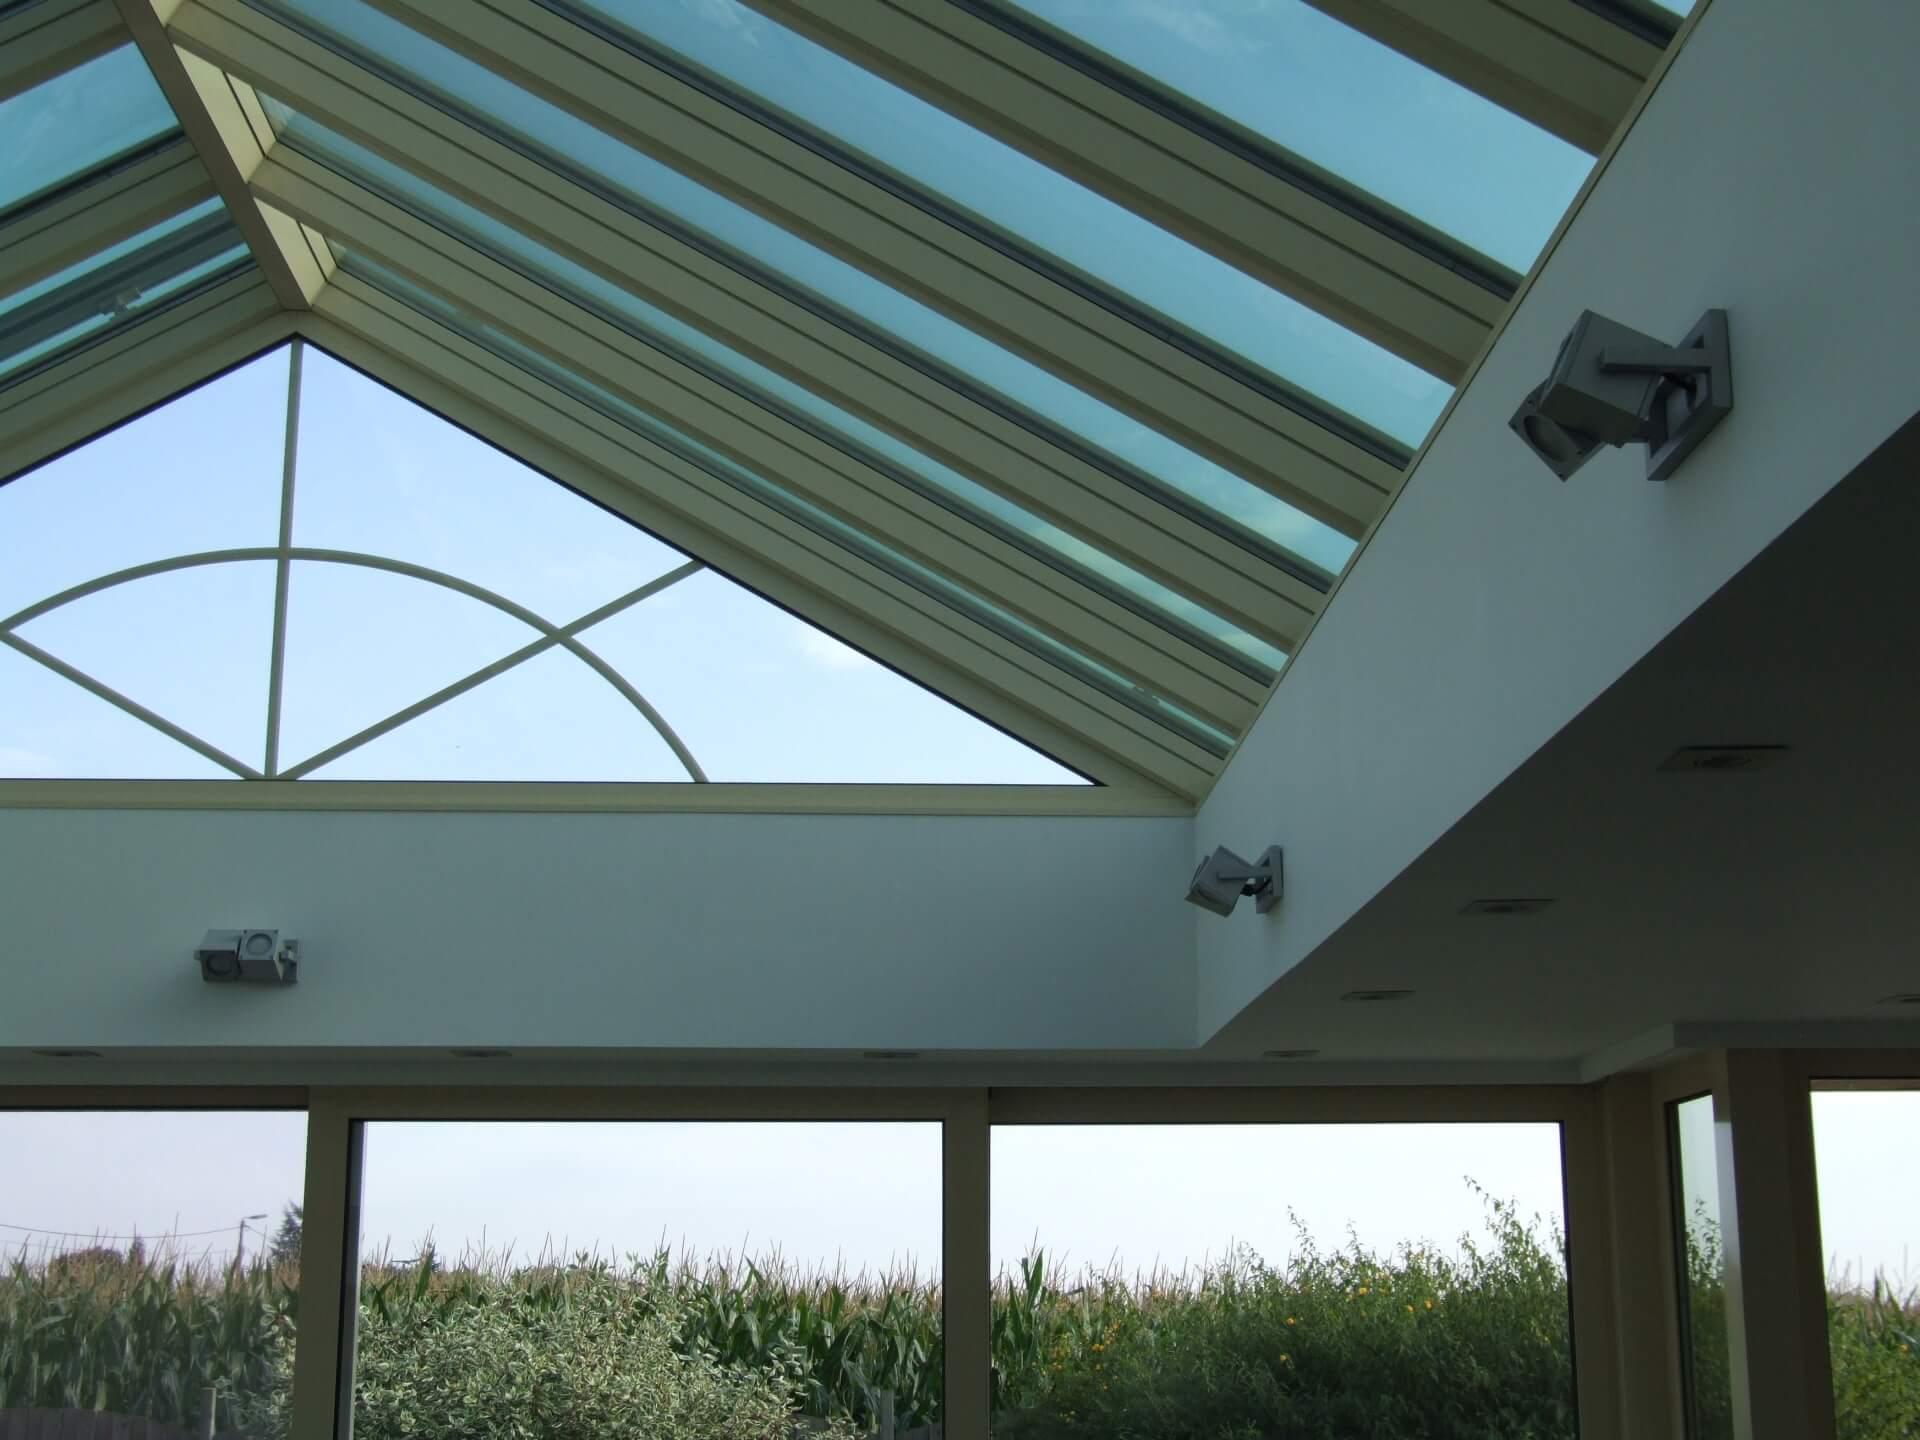 plafond veranda affordable renovation et isolation dun plafond dans une veranda rouen plafond. Black Bedroom Furniture Sets. Home Design Ideas